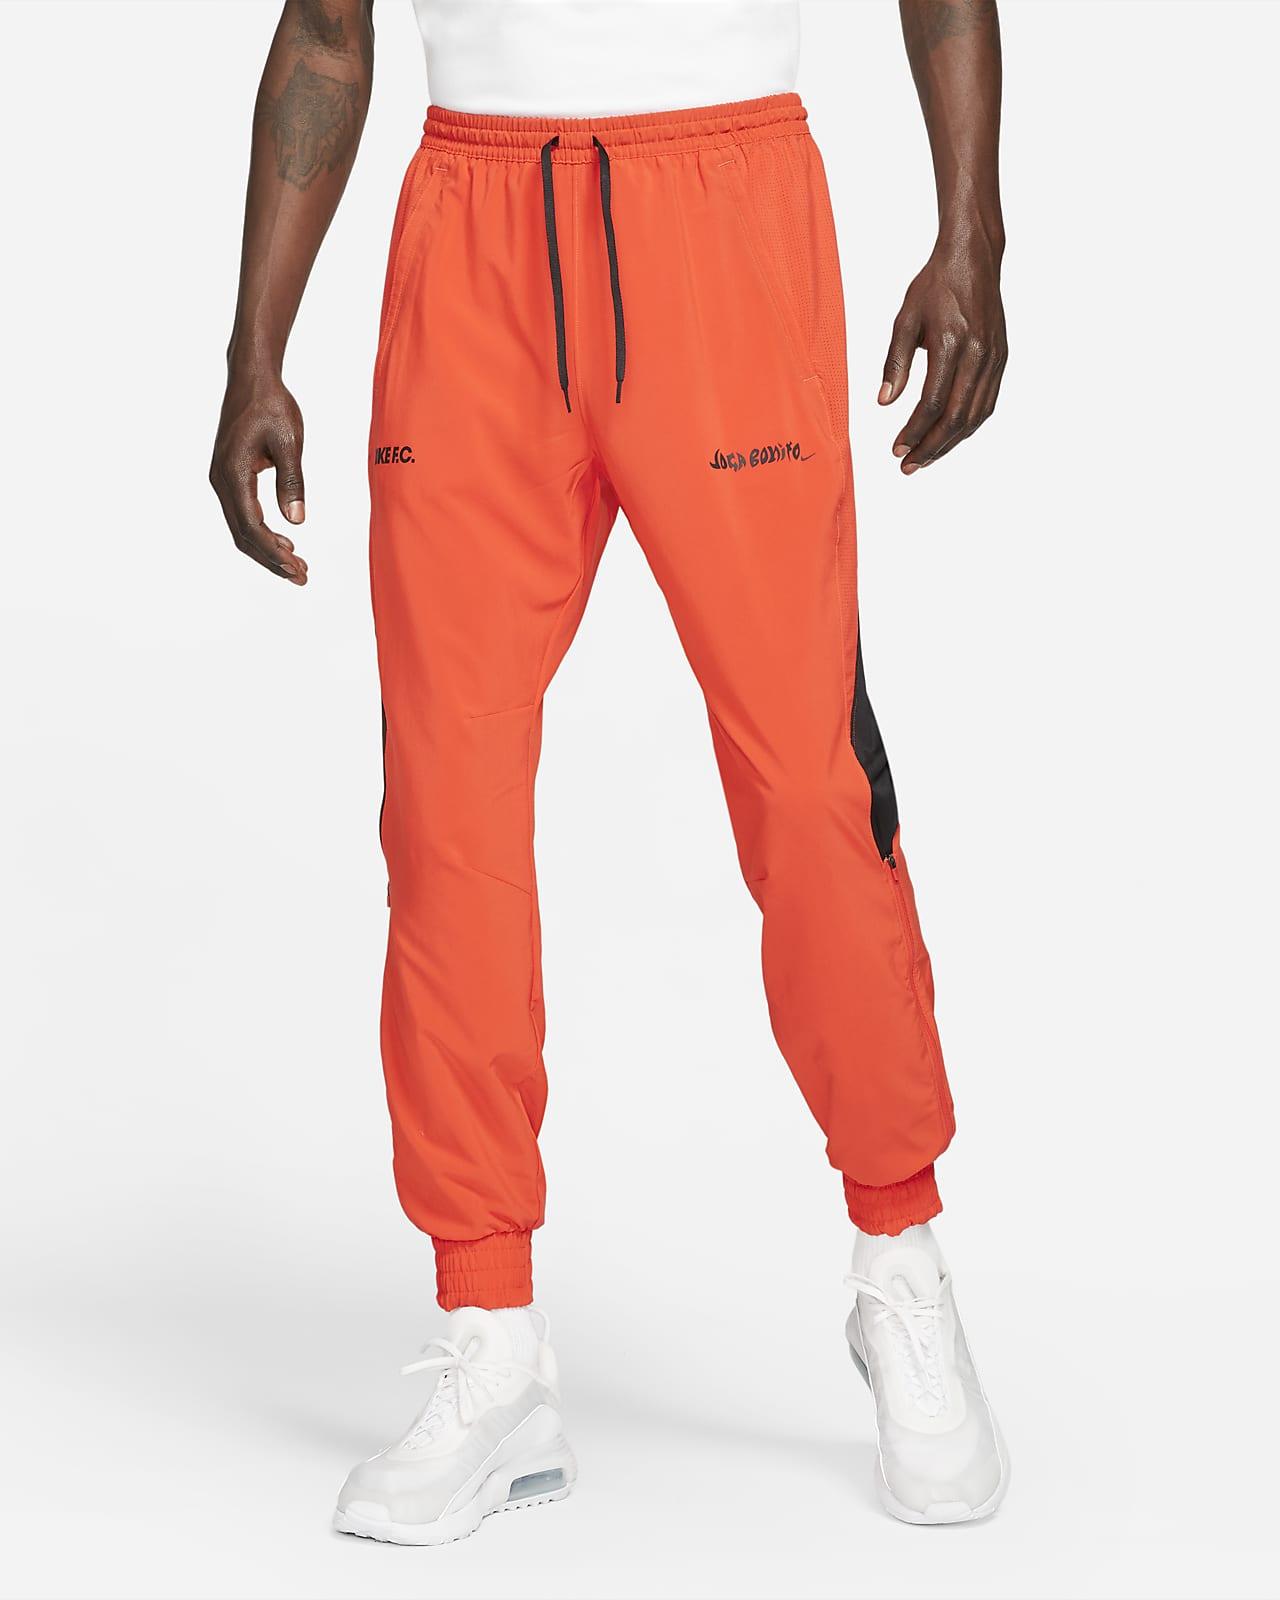 Pánské tkané fotbalové kalhoty Nike F.C.